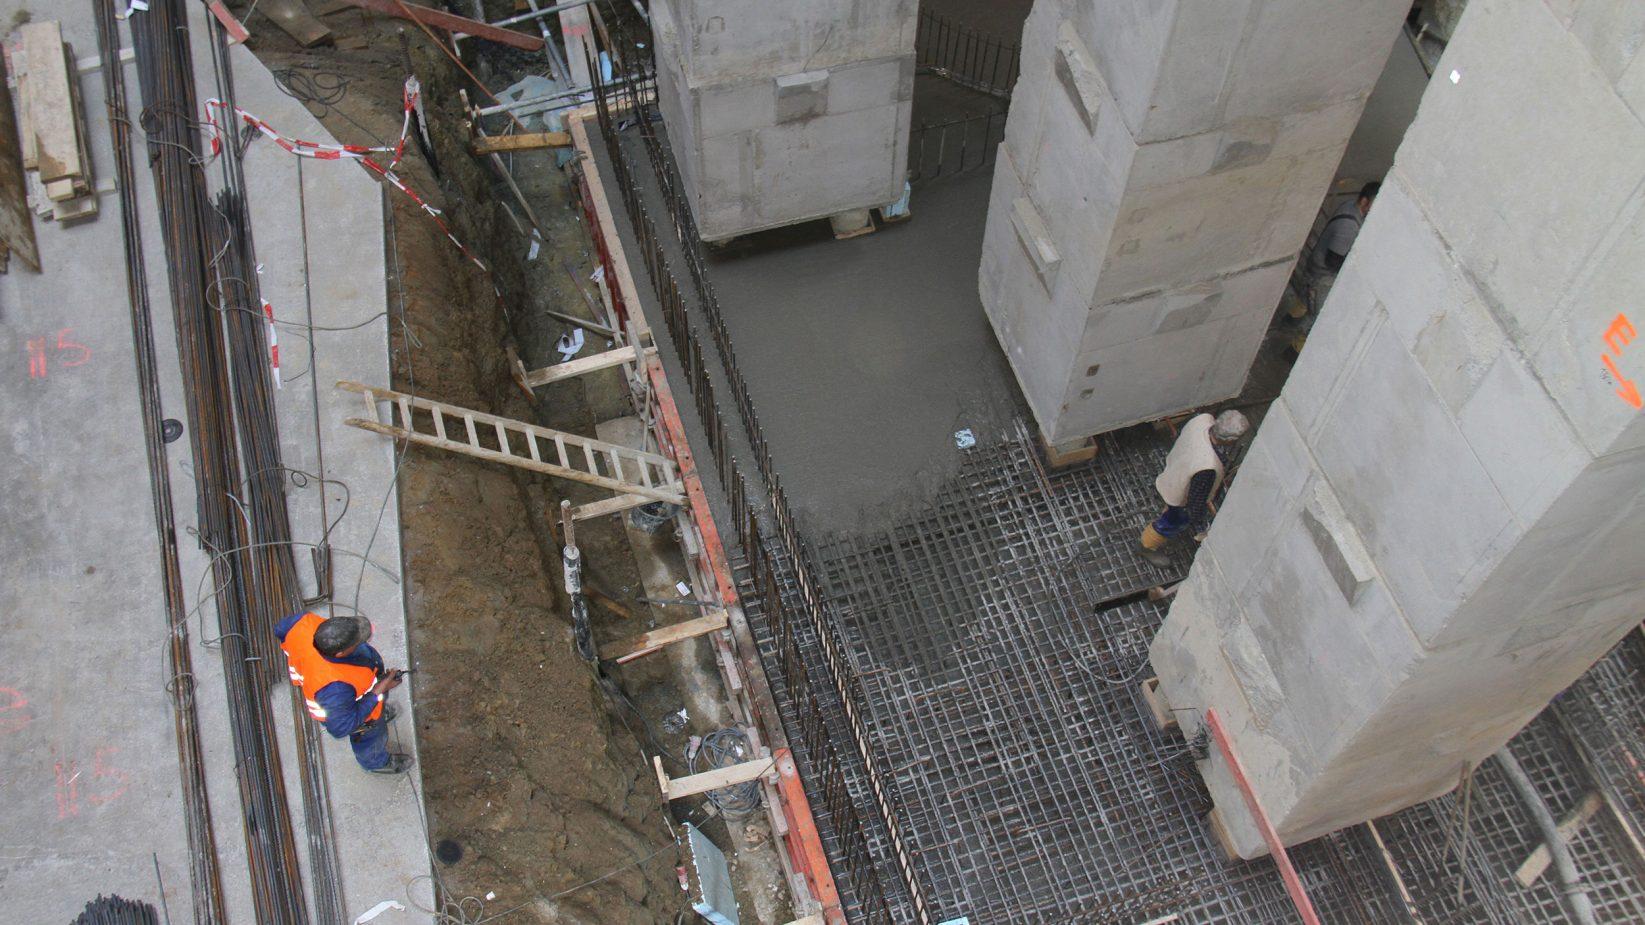 Abbildung der Arbeiten am Großbauprojekt in der Maximilianstraße. Aufnahme der Baugrube von oben, Betonbalken rechts und ein prüfender Bauleiter links im Bild.